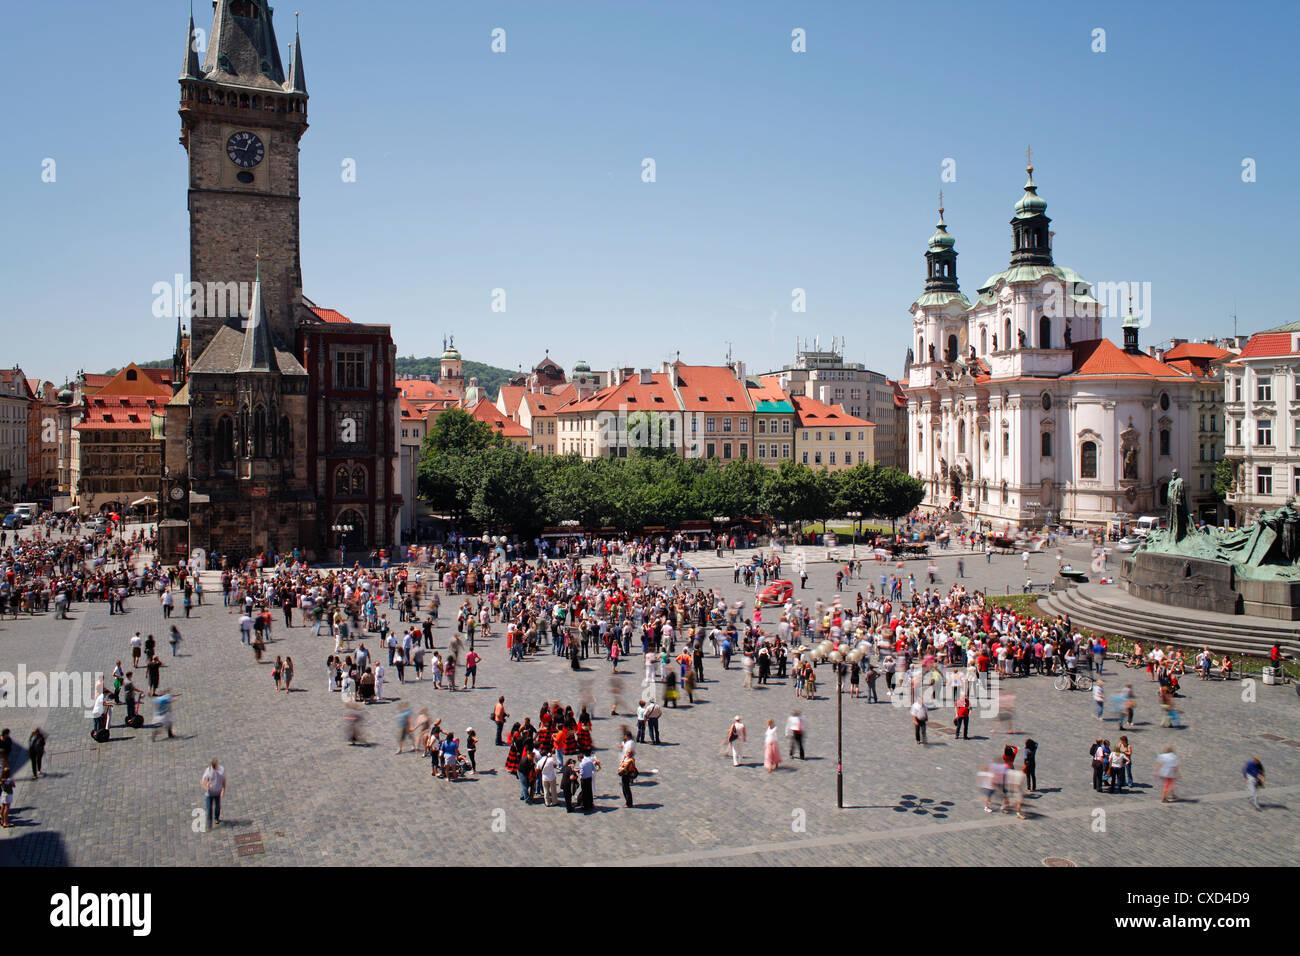 La tour du vieil hôtel de ville avec la célèbre horloge astronomique, Prague, République Tchèque, Photo Stock